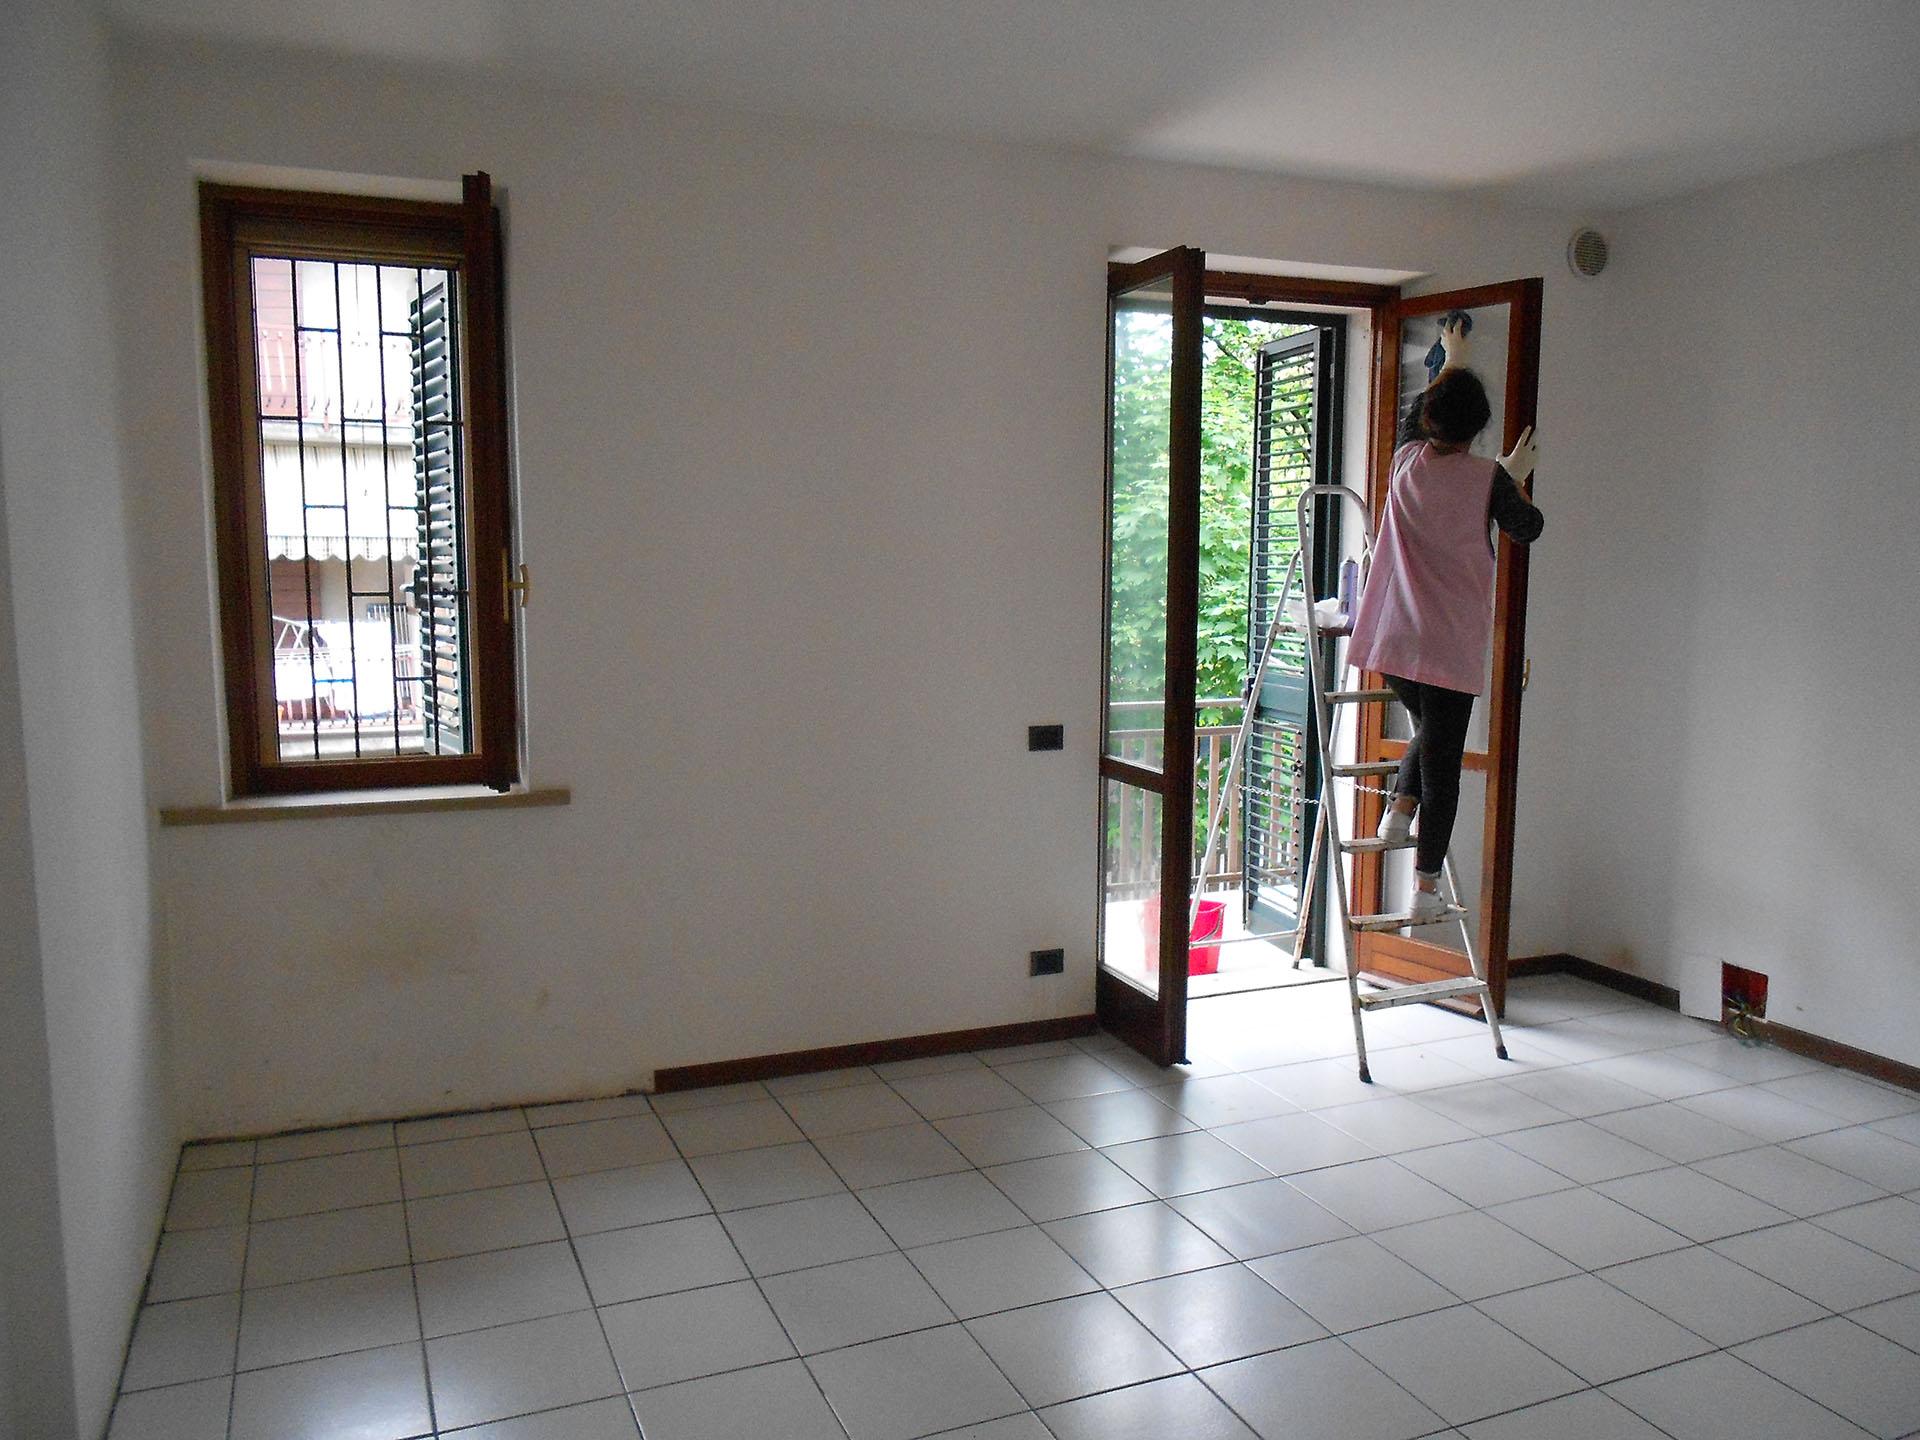 pulizie abitazione